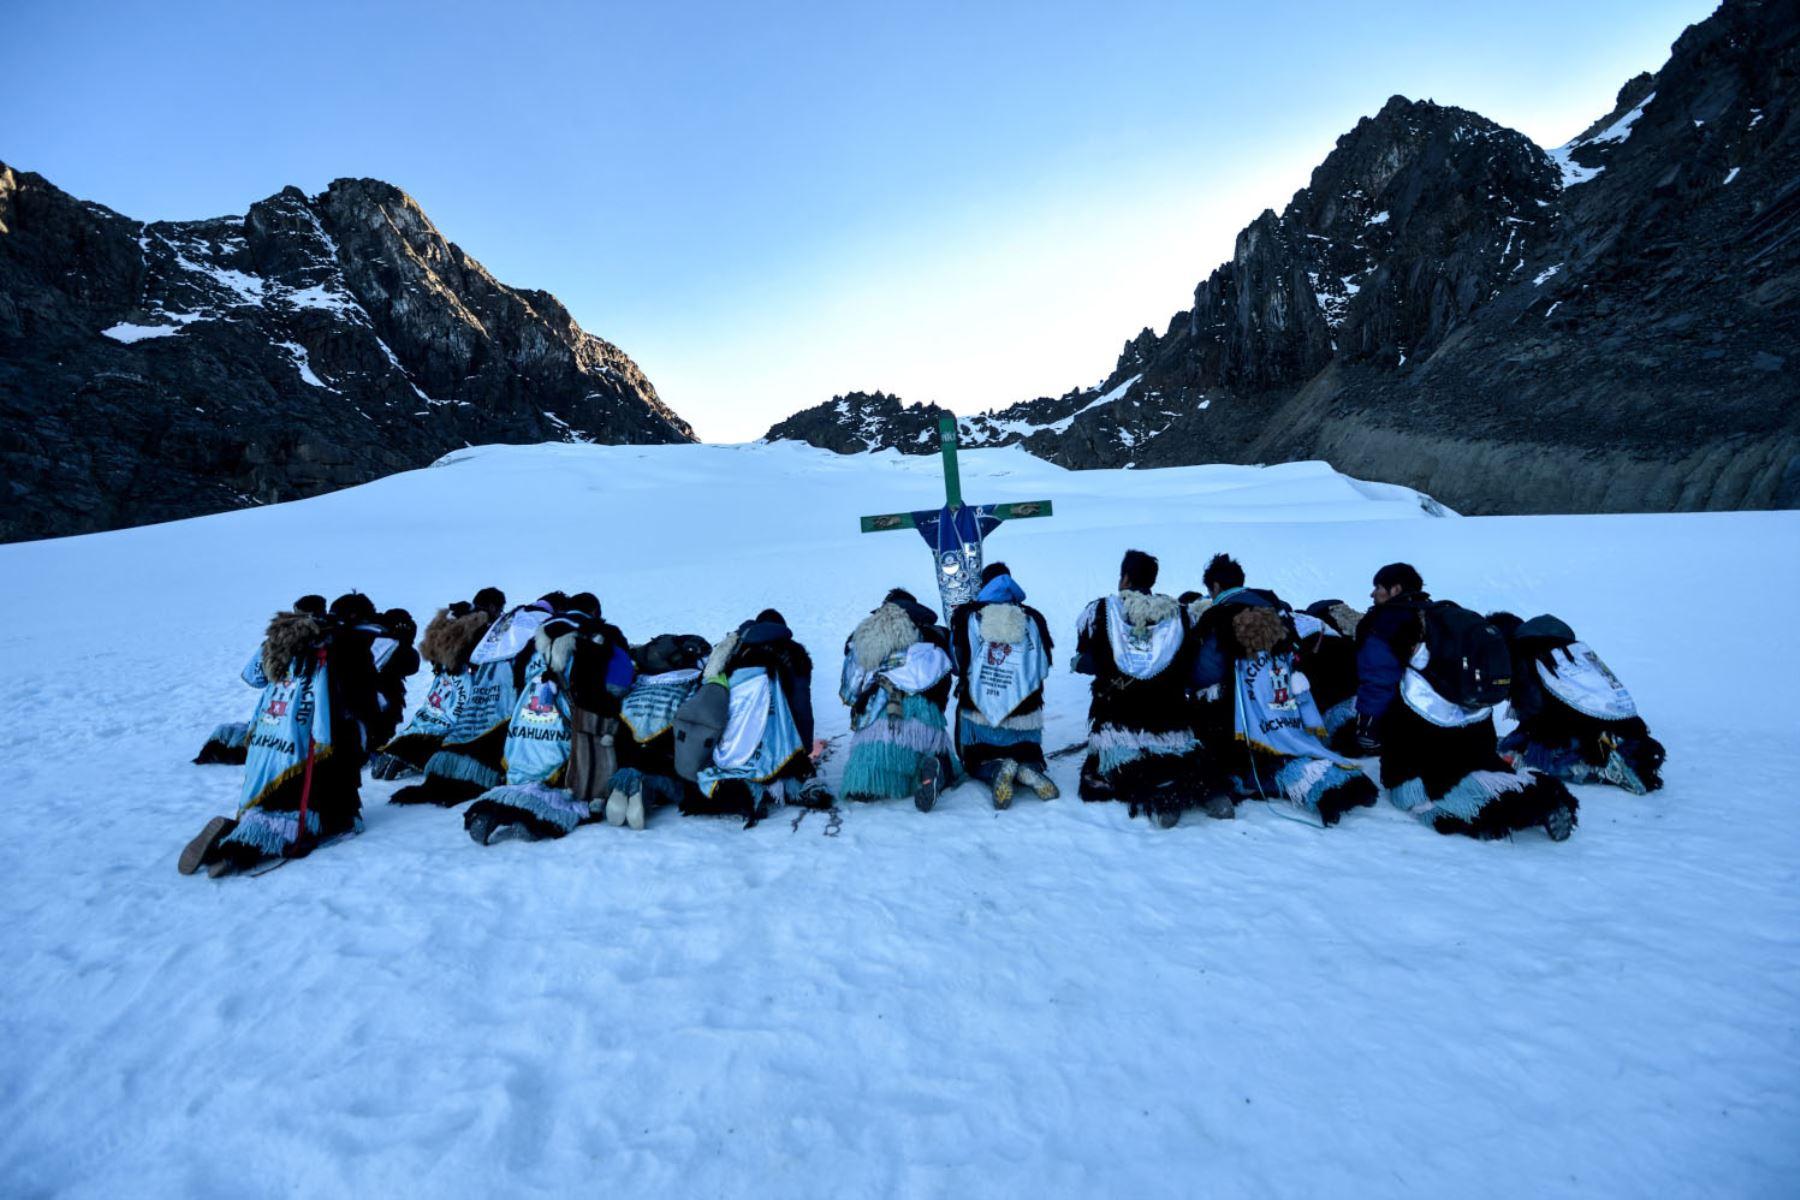 Pablitos de la Nación Canchis elevan sus plegarias al amanecer, antes de retirar el Calvario del nevado Colque Punku. Foto: Cortesía/ José Sotomayor